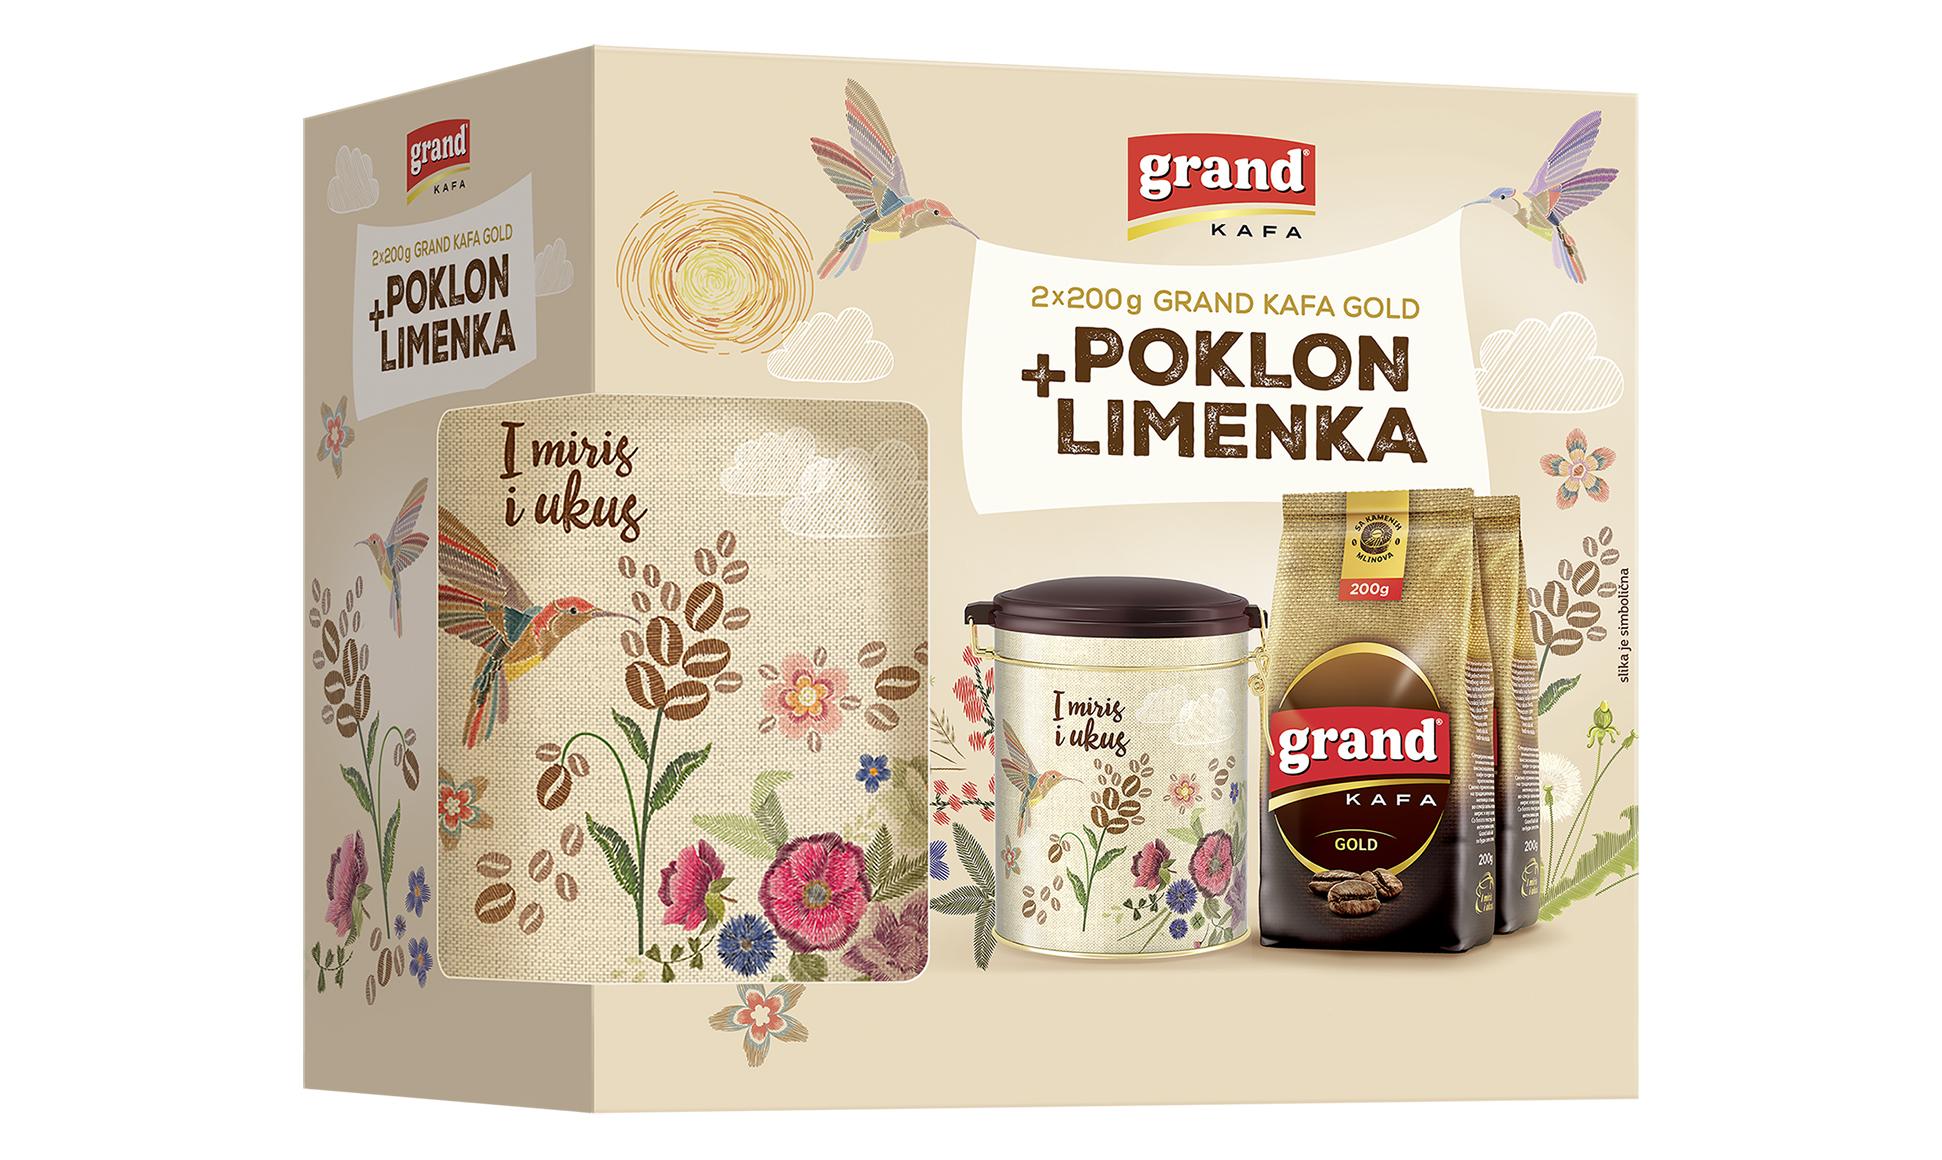 Grand kafa limenka po vašem izboru